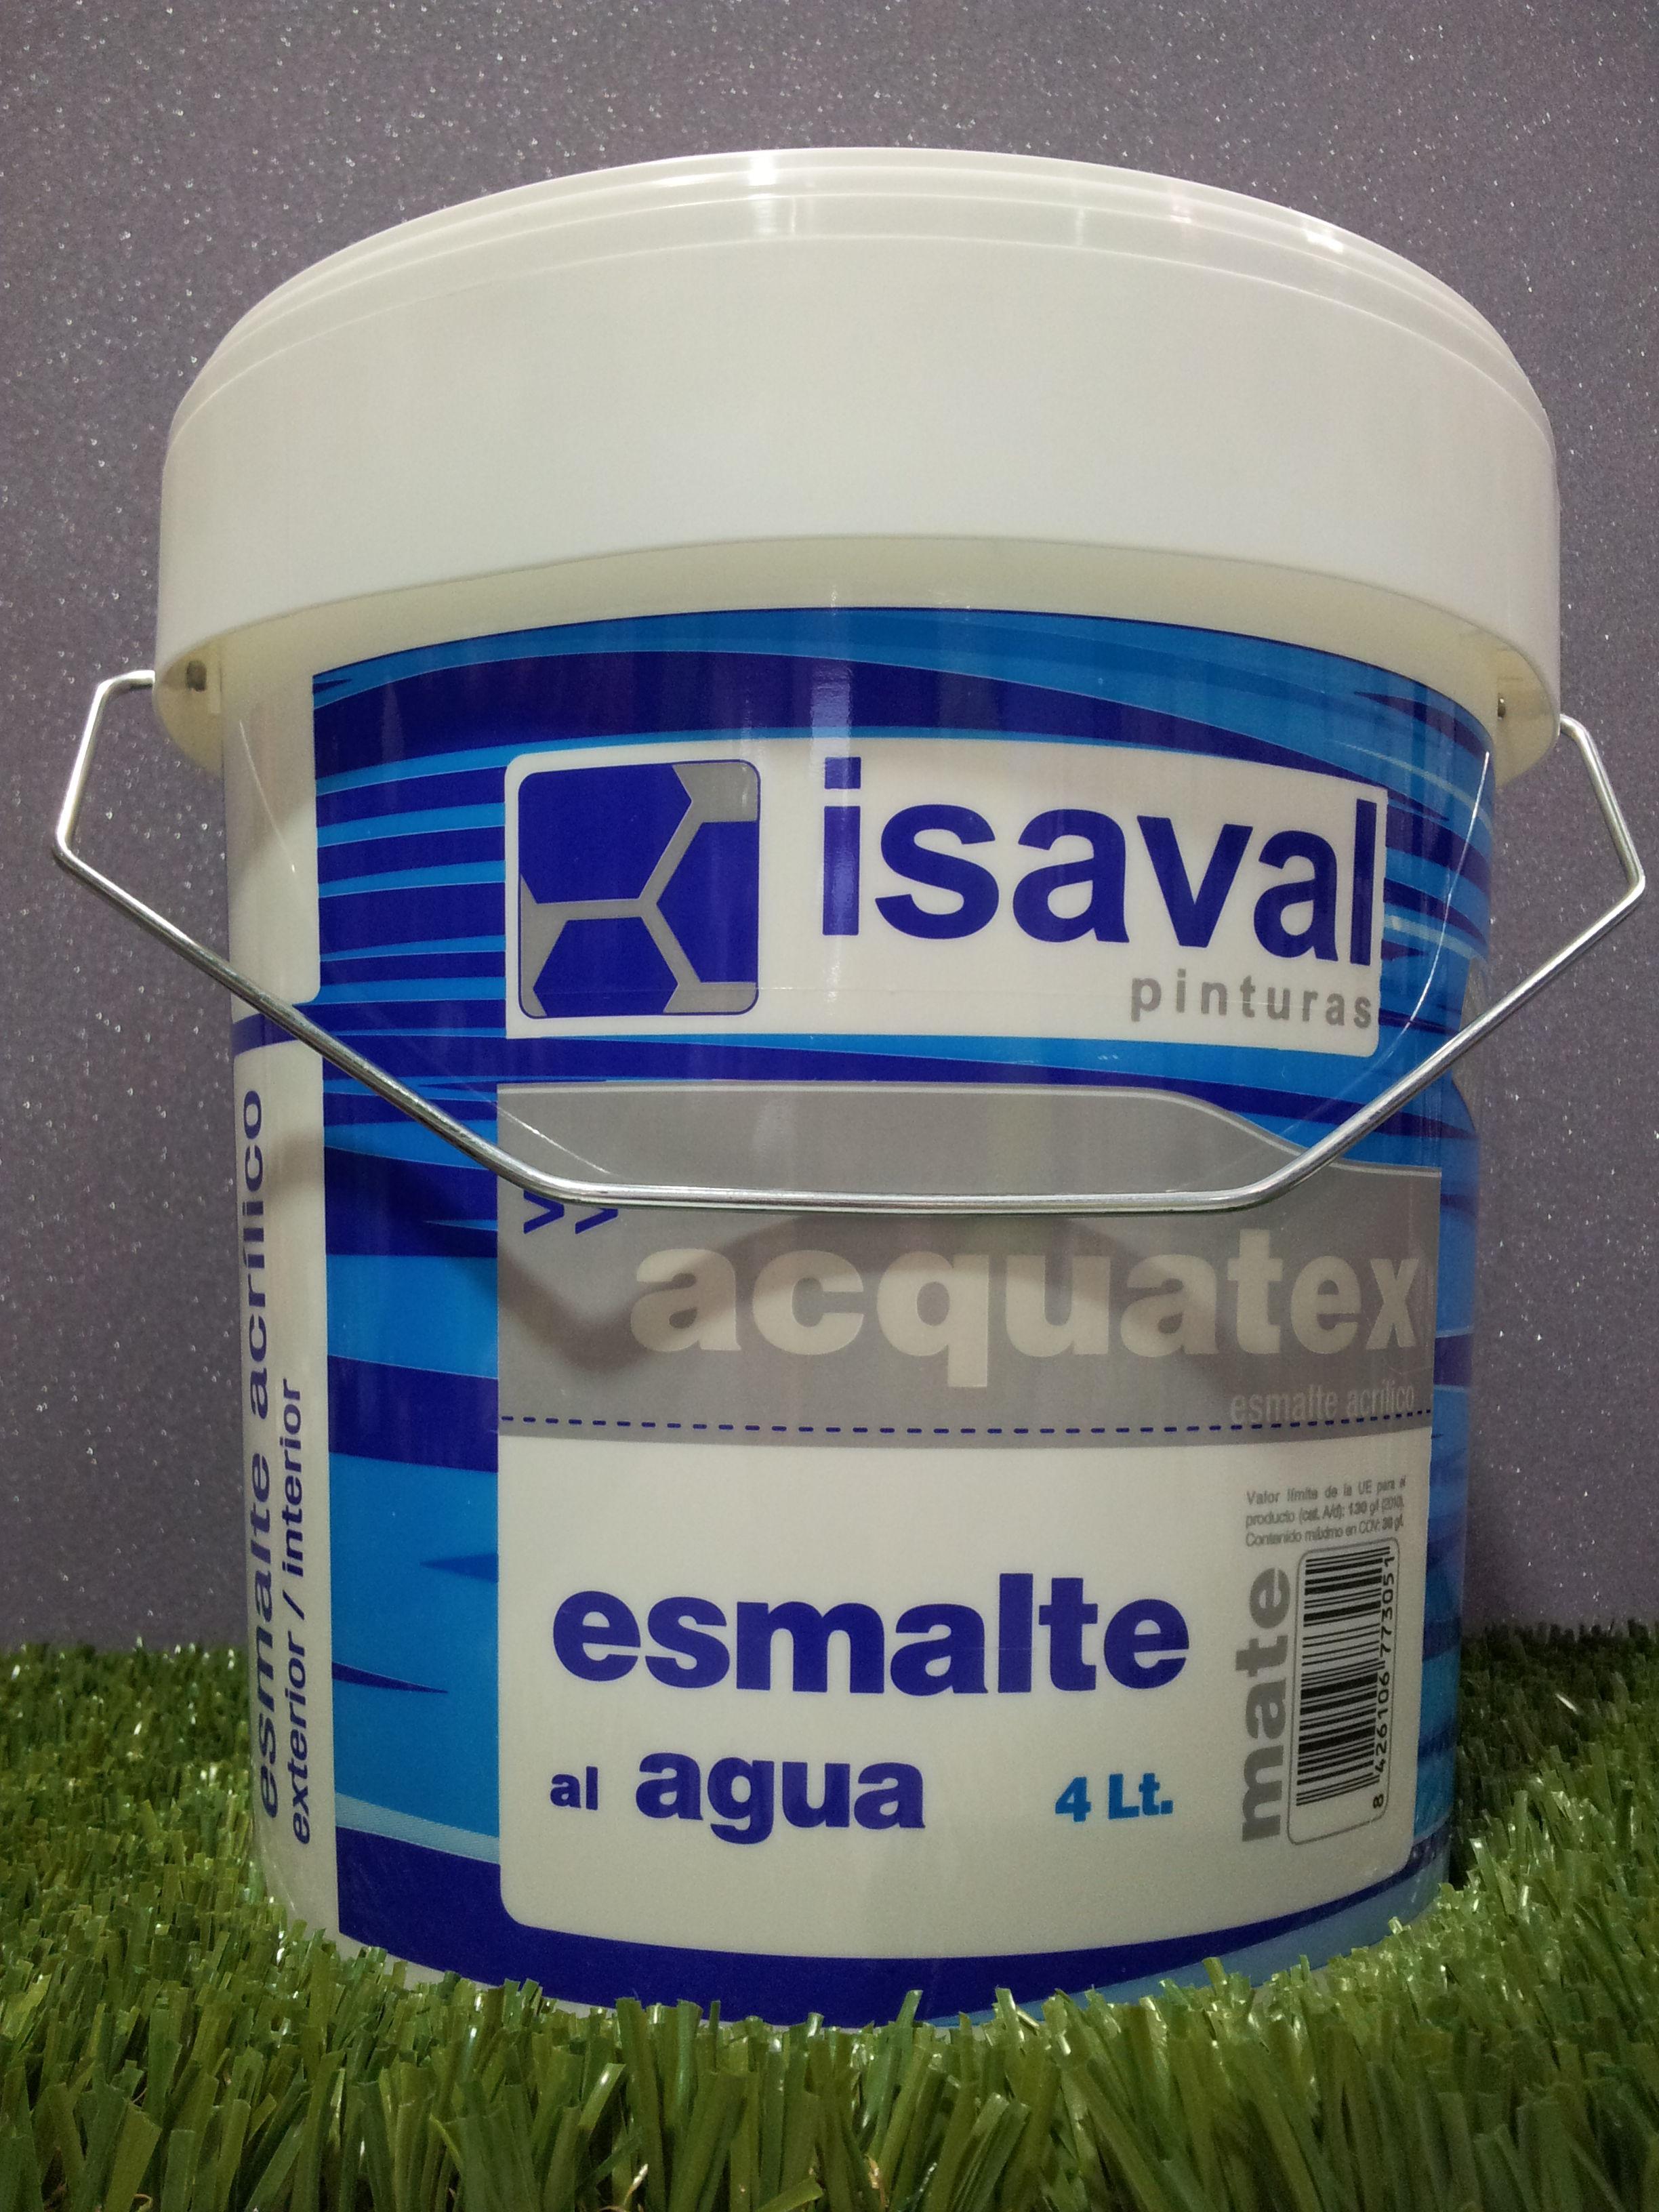 Esmalte al agua ISAVAL Acquatex